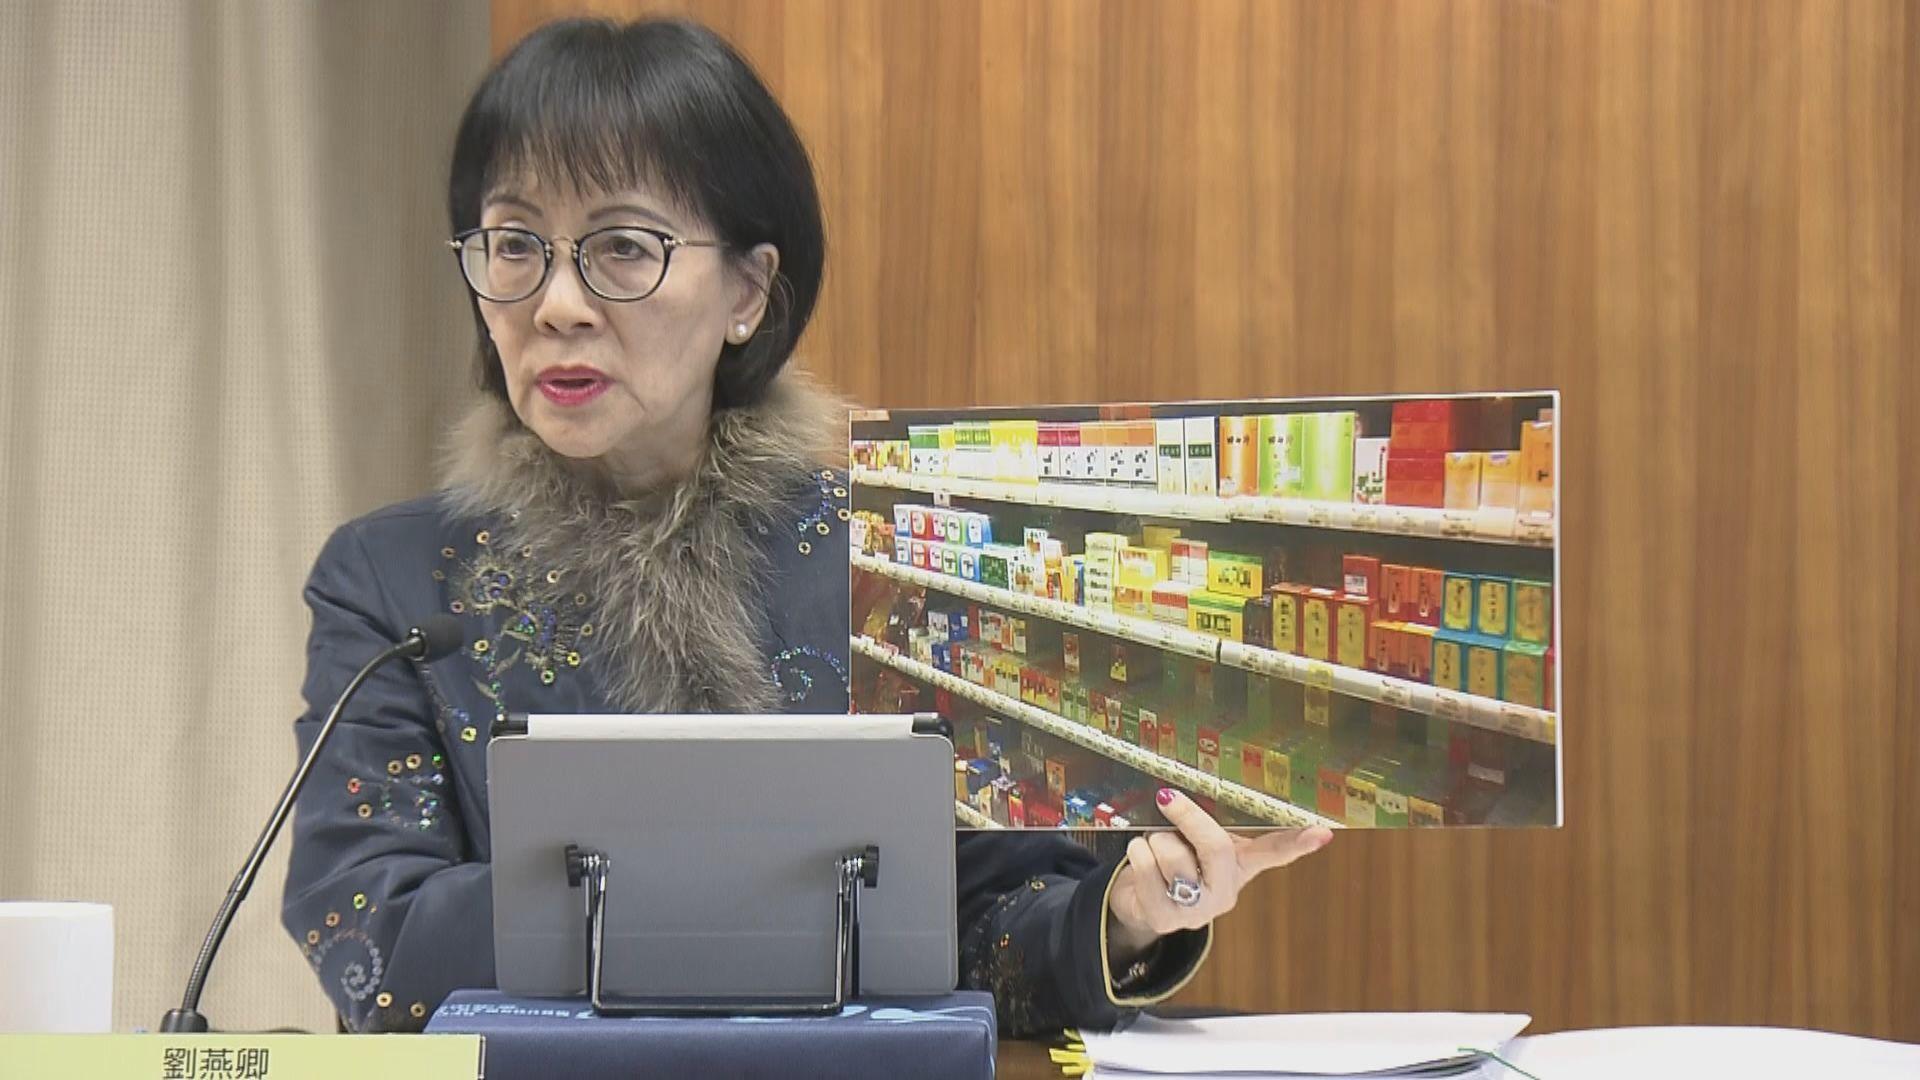 申訴專員批許多中成藥產品未正式註冊